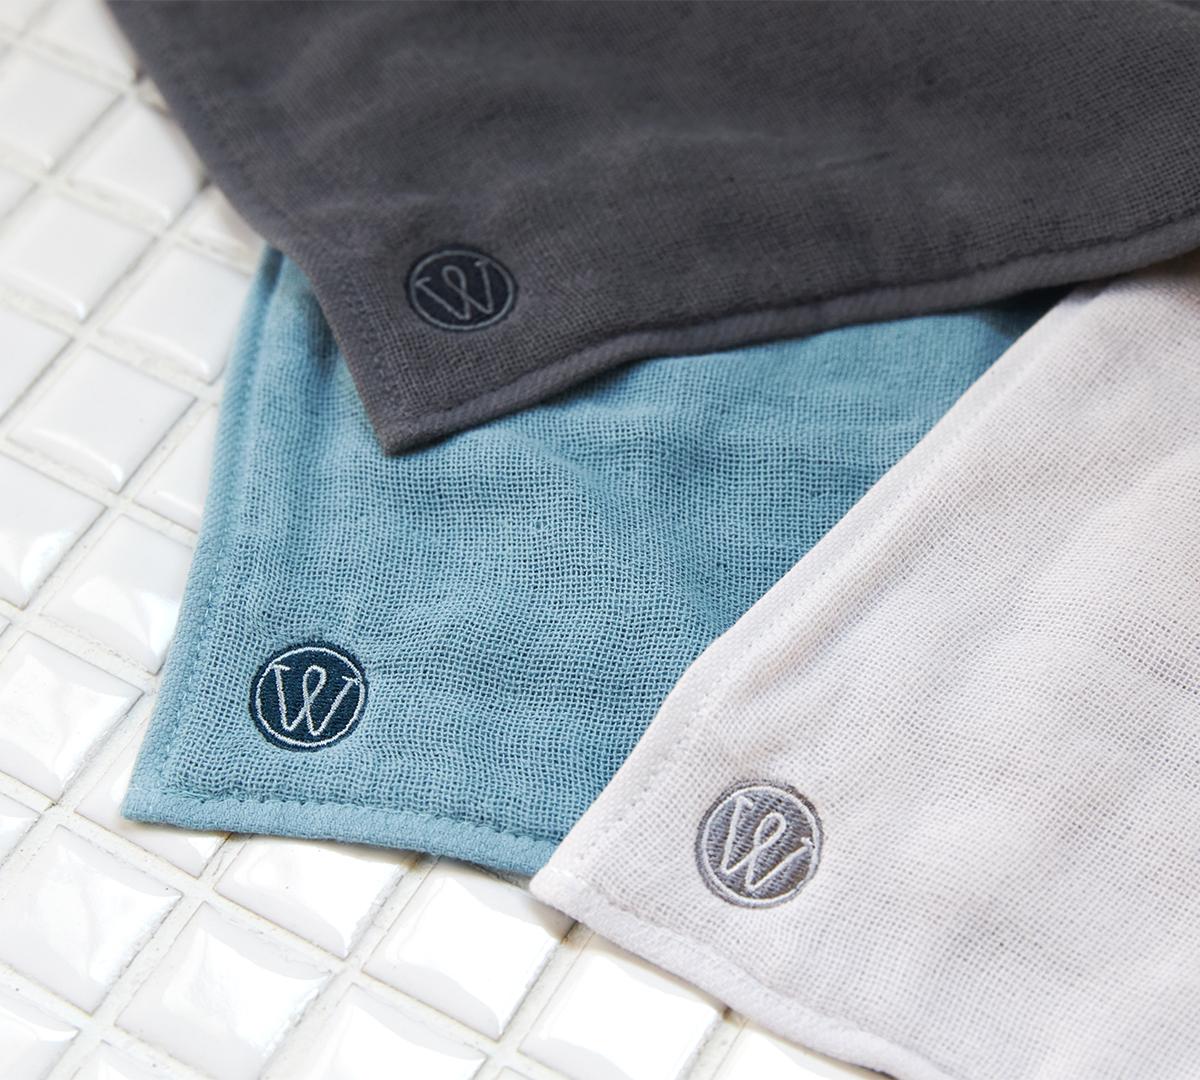 ブルー、グレー、ライトグレーの3色から選べるので、色別に、「まな板専用」や「テーブル専用」のように、使い道を決めても便利。キッチンワイプ(台所ふきん)|酸化チタンと銀の作用で、生乾き臭・汗臭の菌を除去する「タオル」|WARP